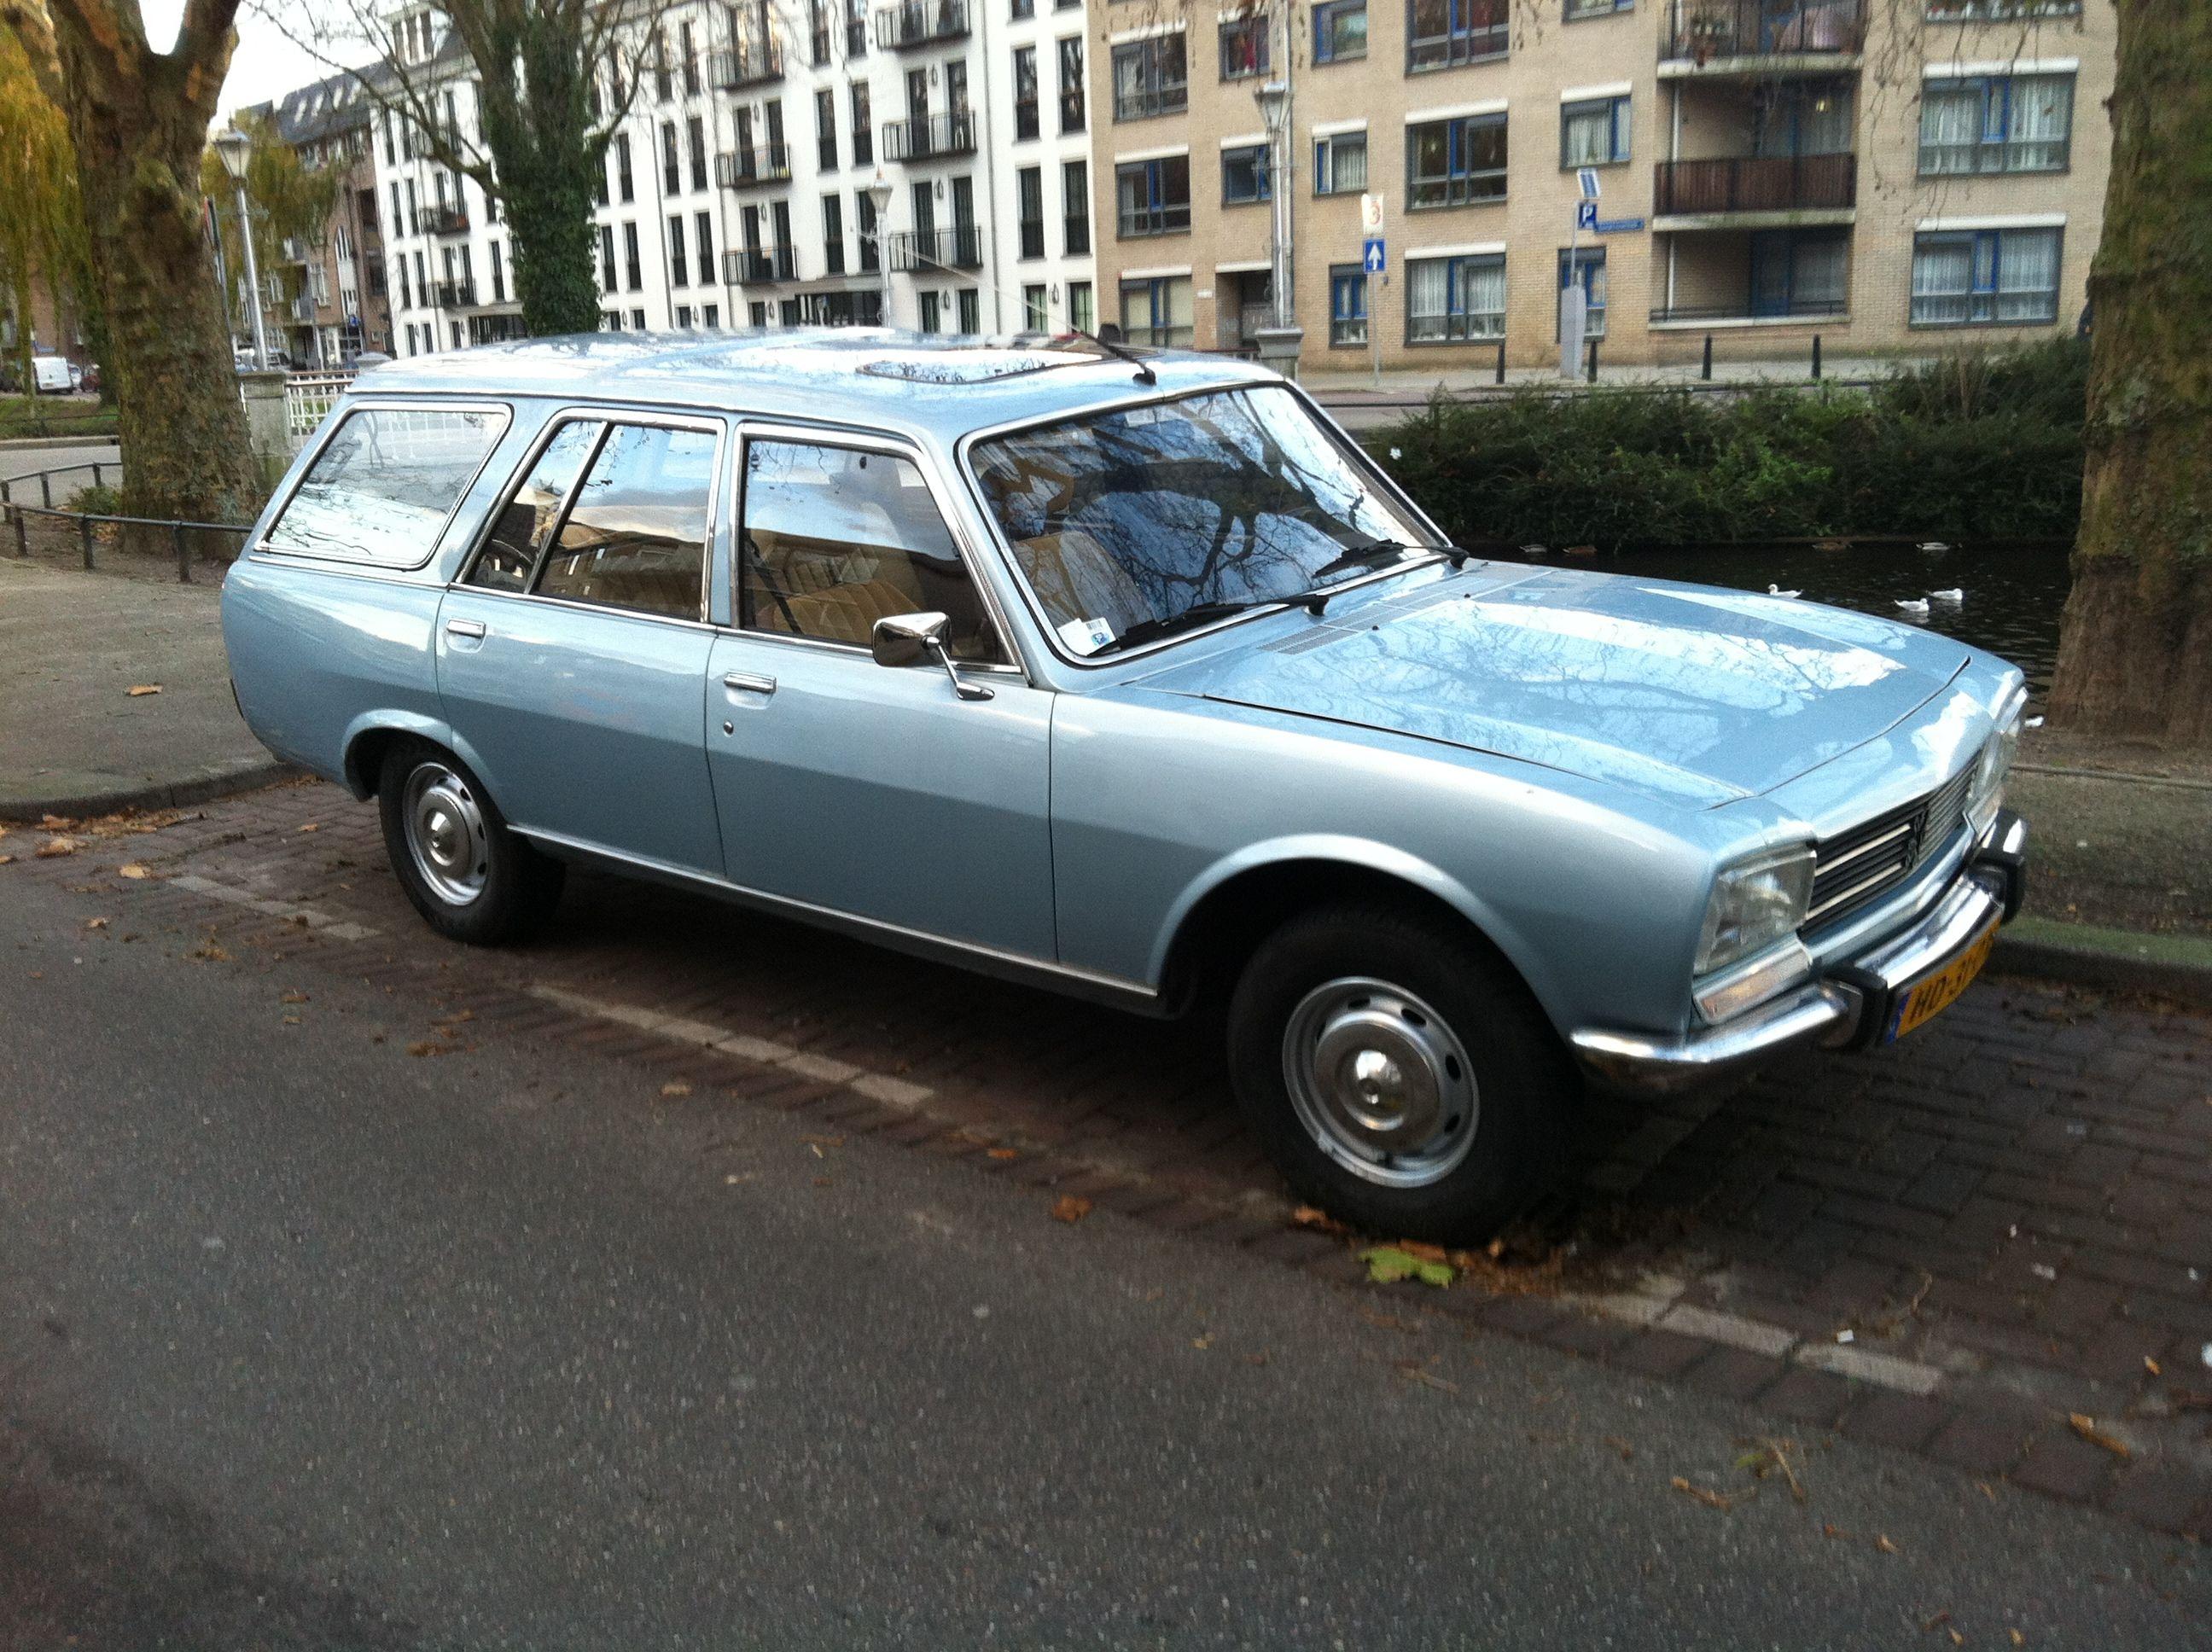 1981 Peugeot 504 Break My Ride Cars I Like Pinterest